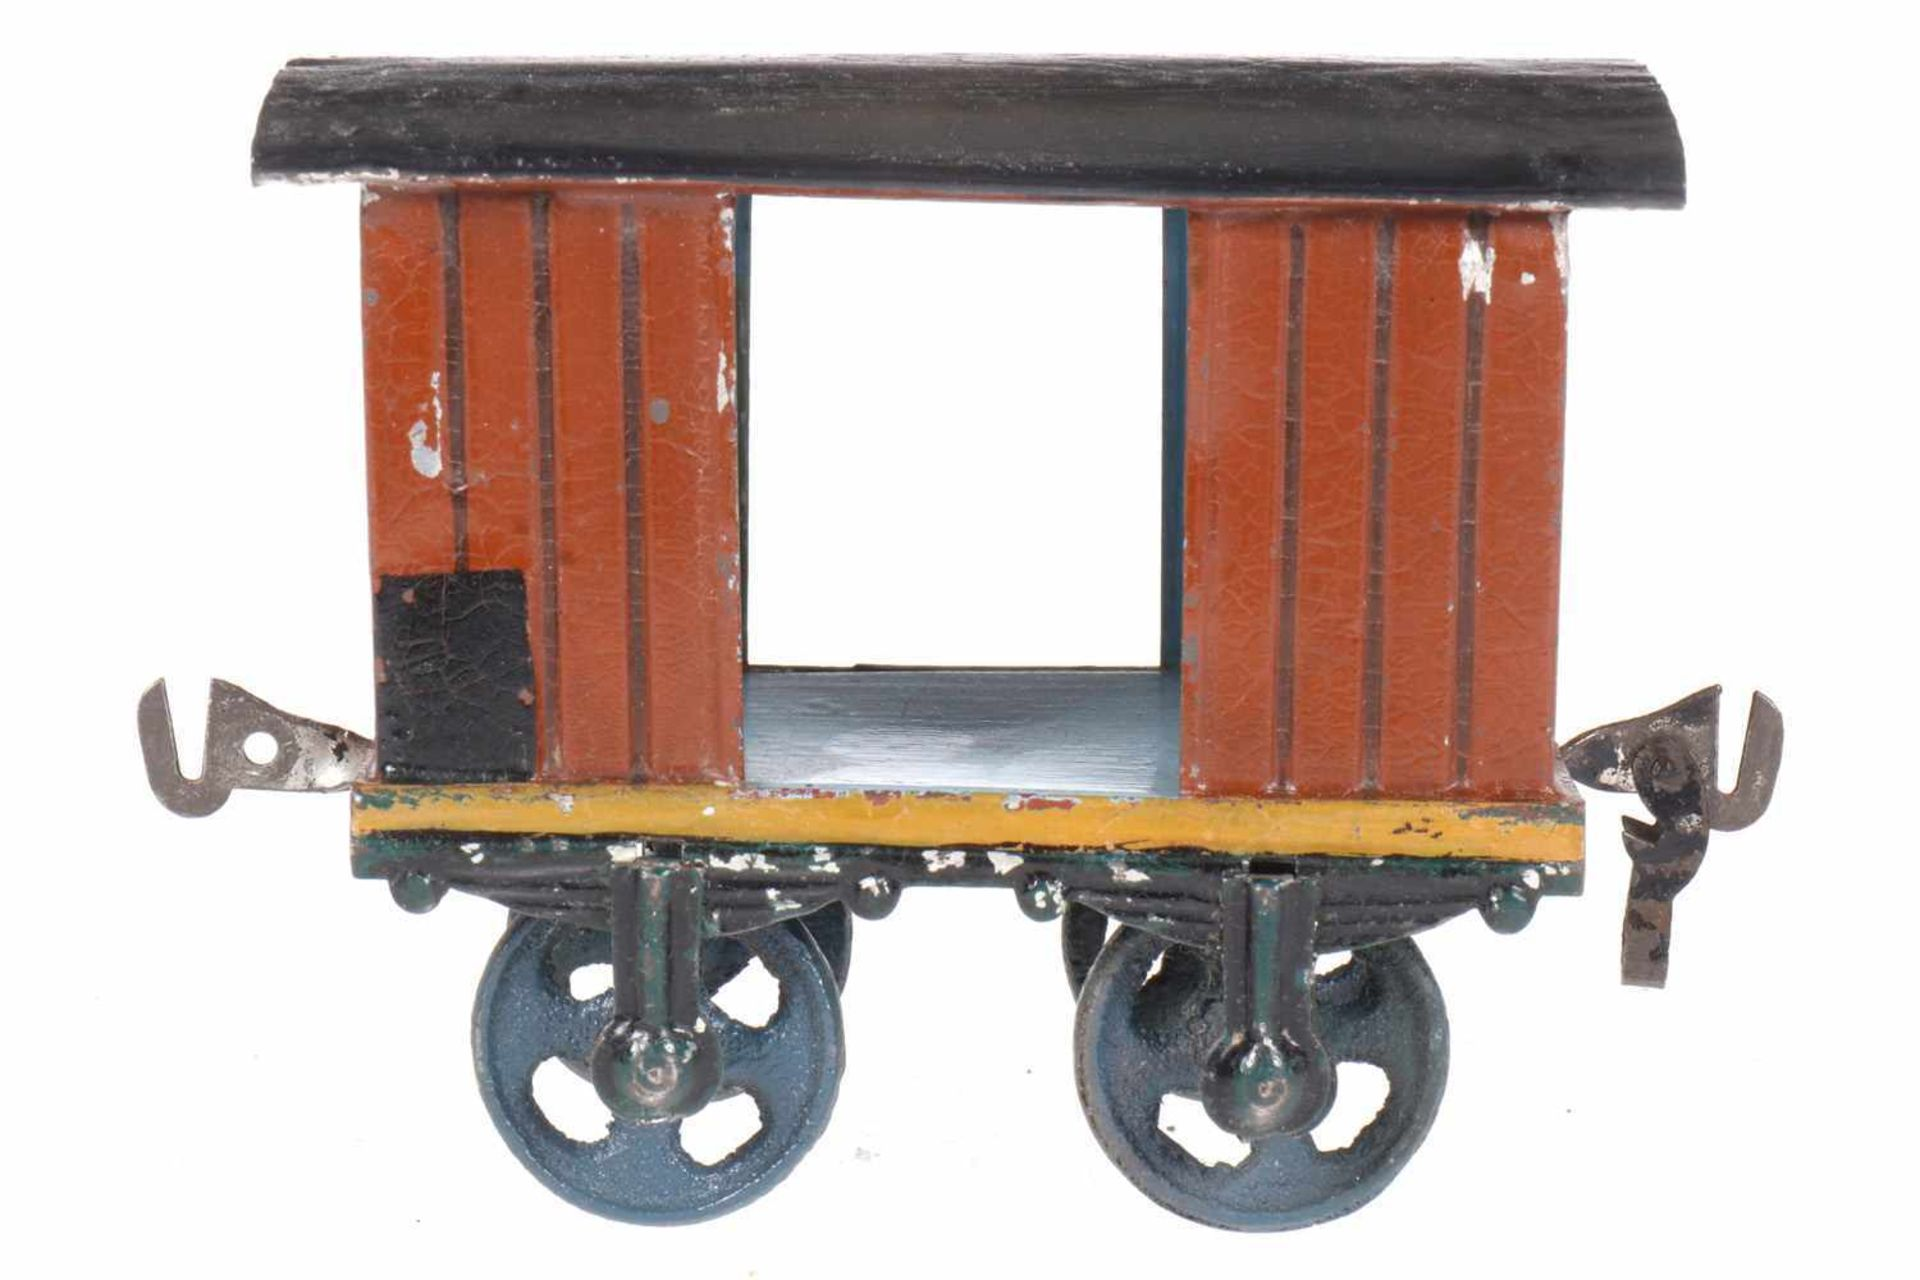 Märklin gedeckter Güterwagen 1802, S 1, uralt, HL, mit 2 TÖ und Bügelkupplung, 1 Bügel fehlt,